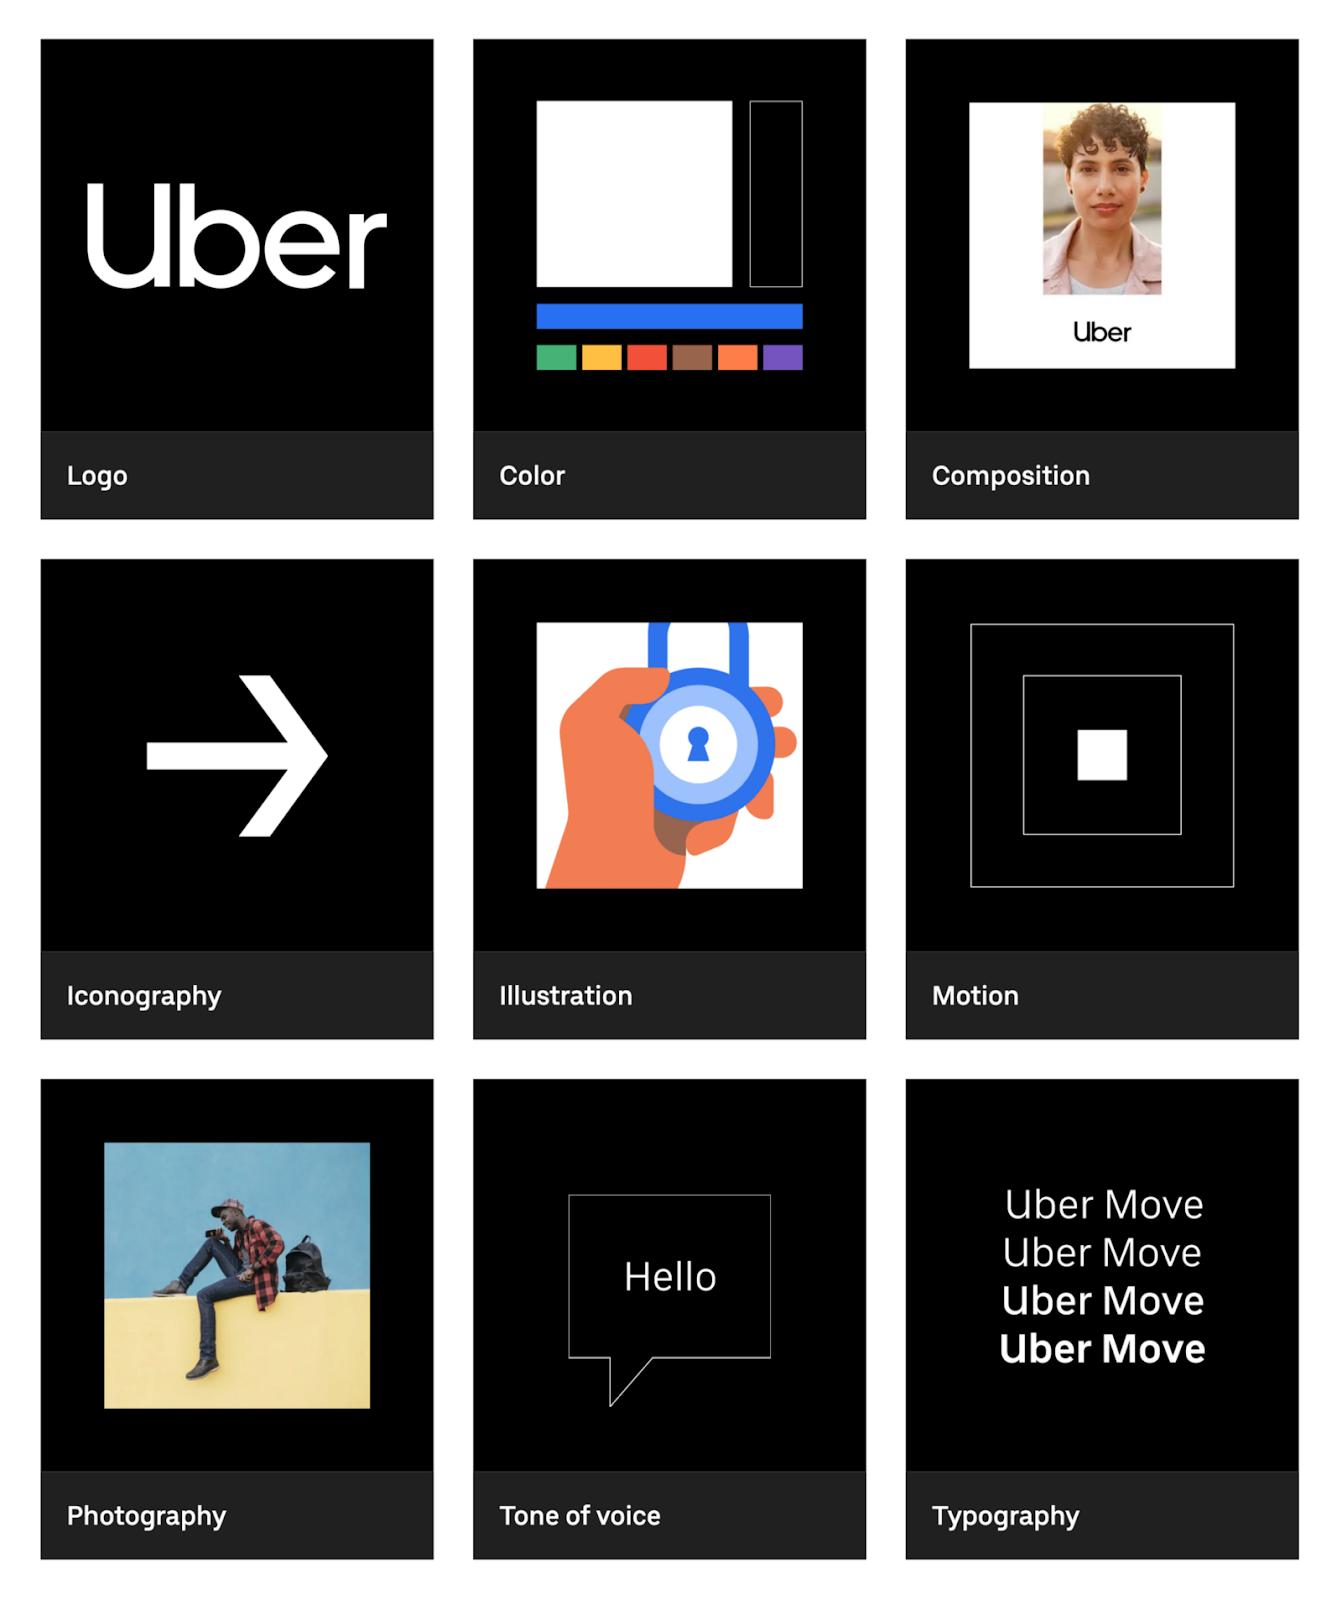 Uber brand guidelines (brand.uber.com)